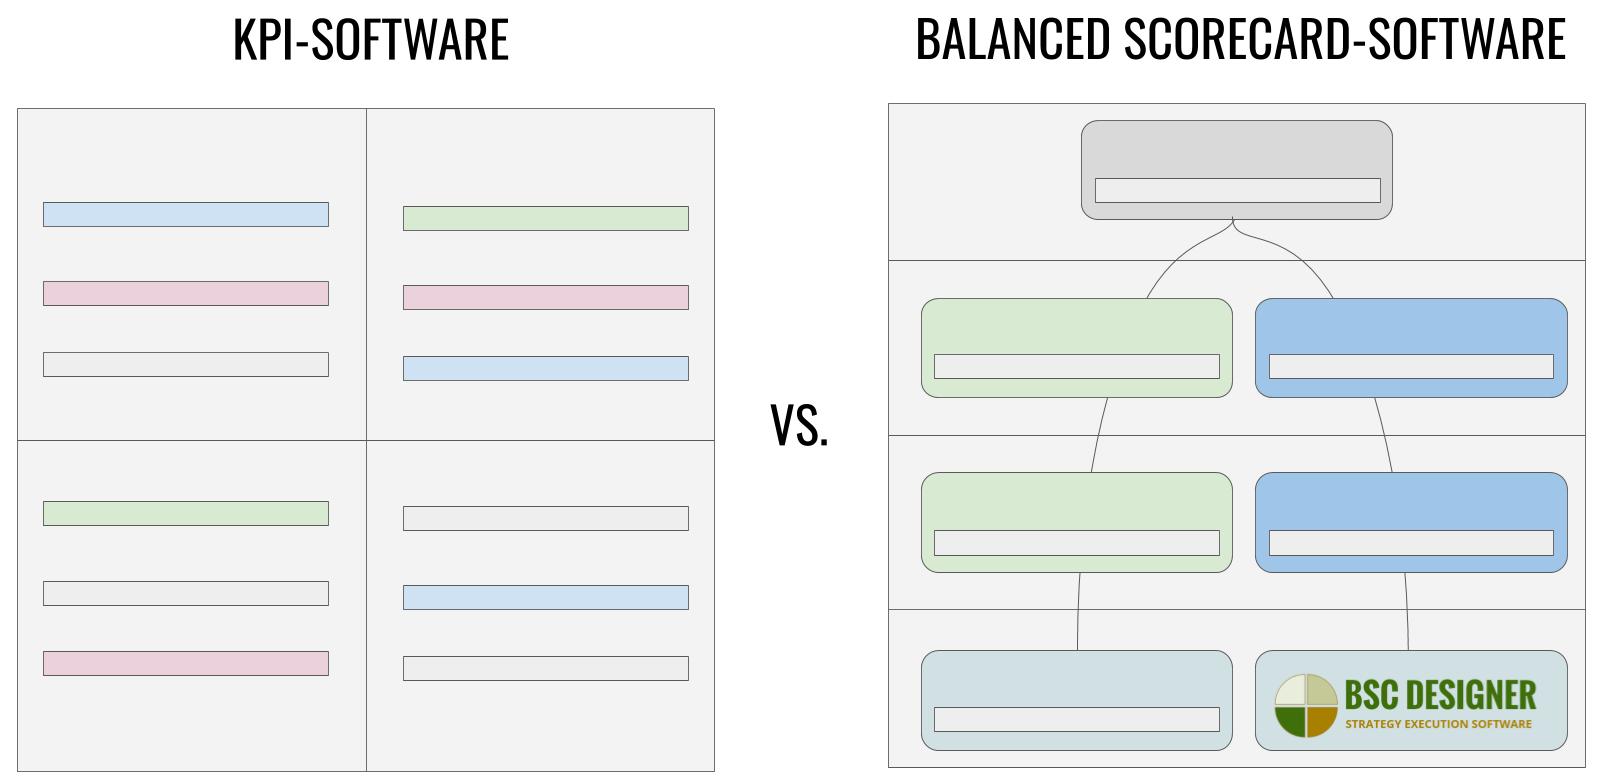 Balanced Scorecard vs KPI Software - Was ist der Unterschied?